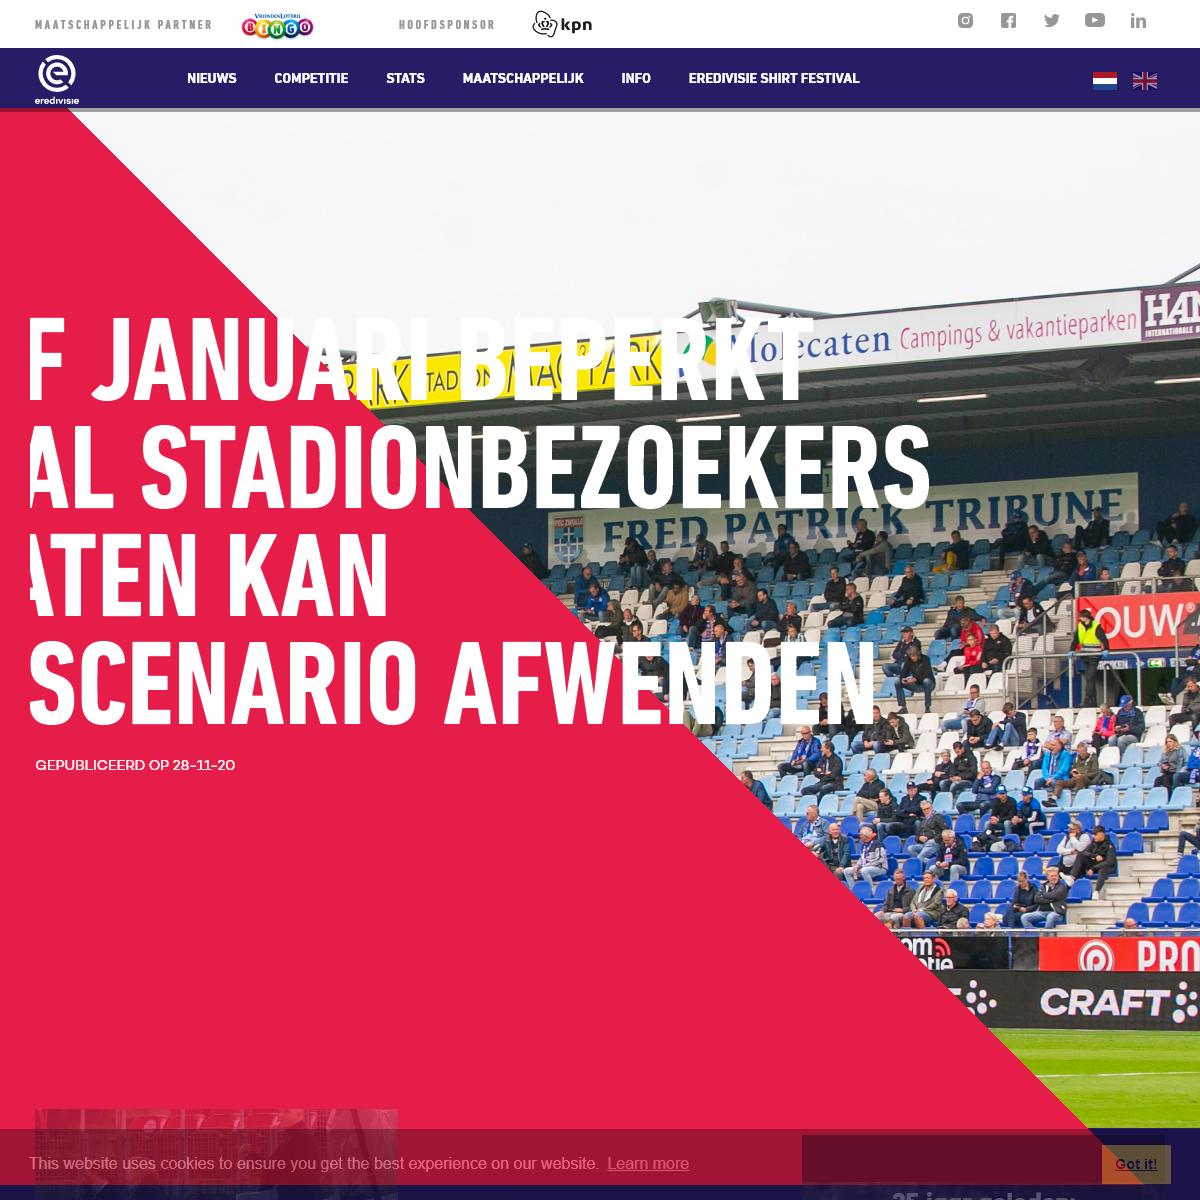 Eredivisie nieuws, live scores en statistieken uit het seizoen 2020-21 - Eredivisie.nl